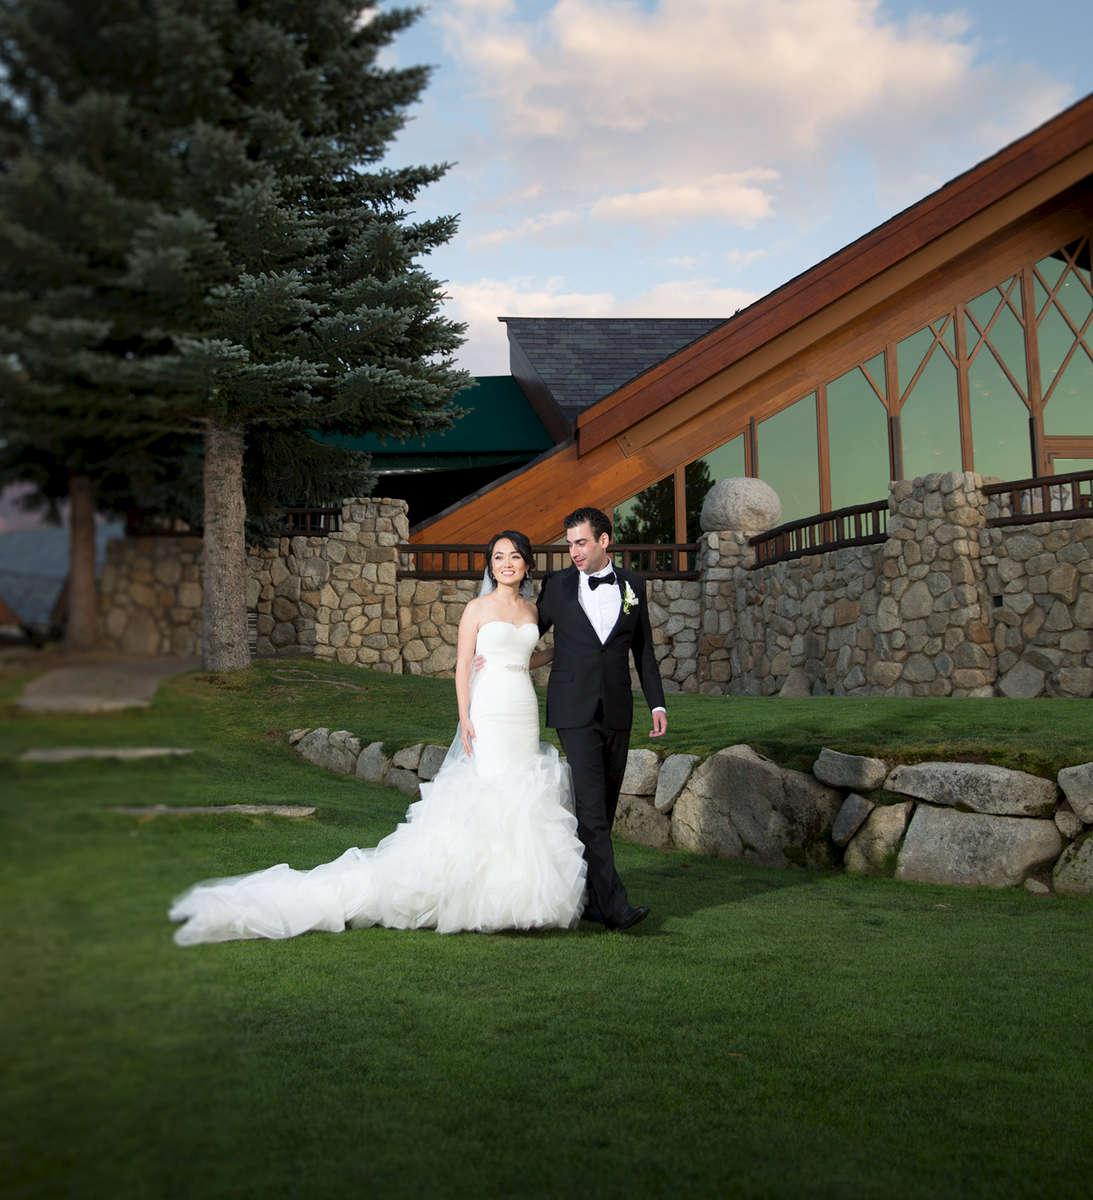 Tahoe-Edgewood-wedding-bride-and-groom